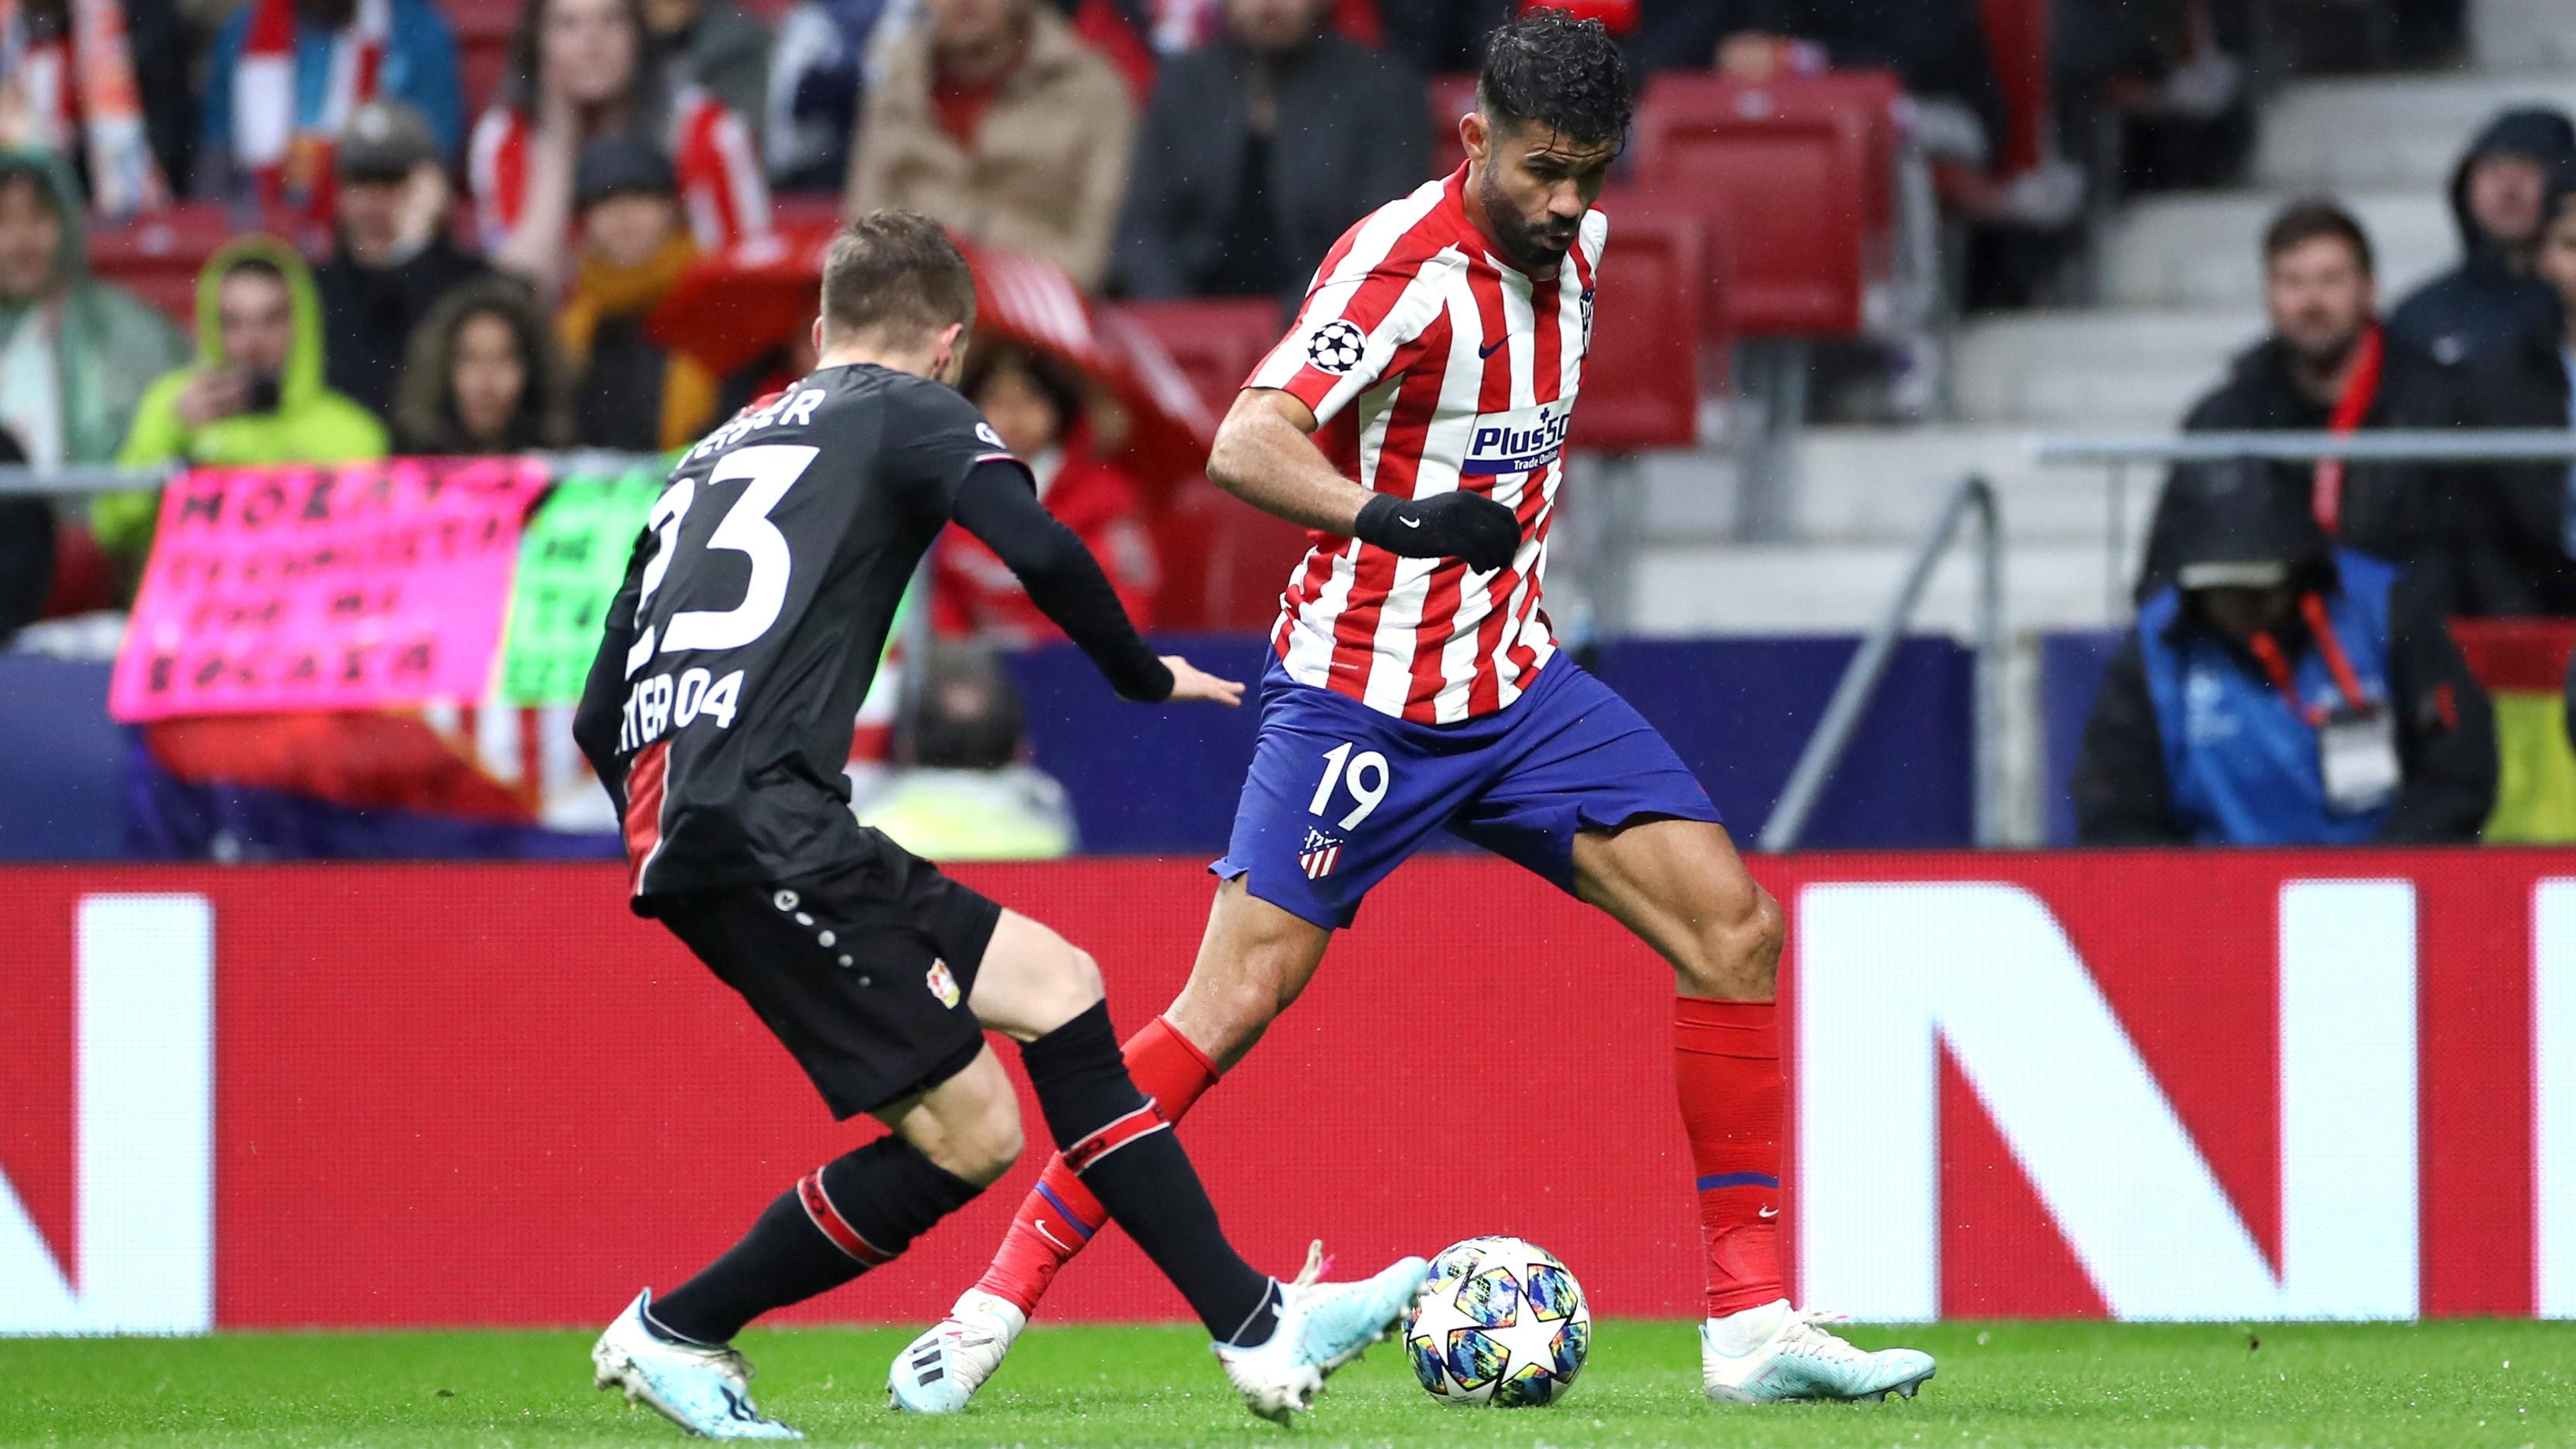 Bayer Leverkusen Vs Atletico Madrid Tv Live Stream Highlights Ticker Aufstellungen Und Co Hier Läuft Die Champions League Goal Com